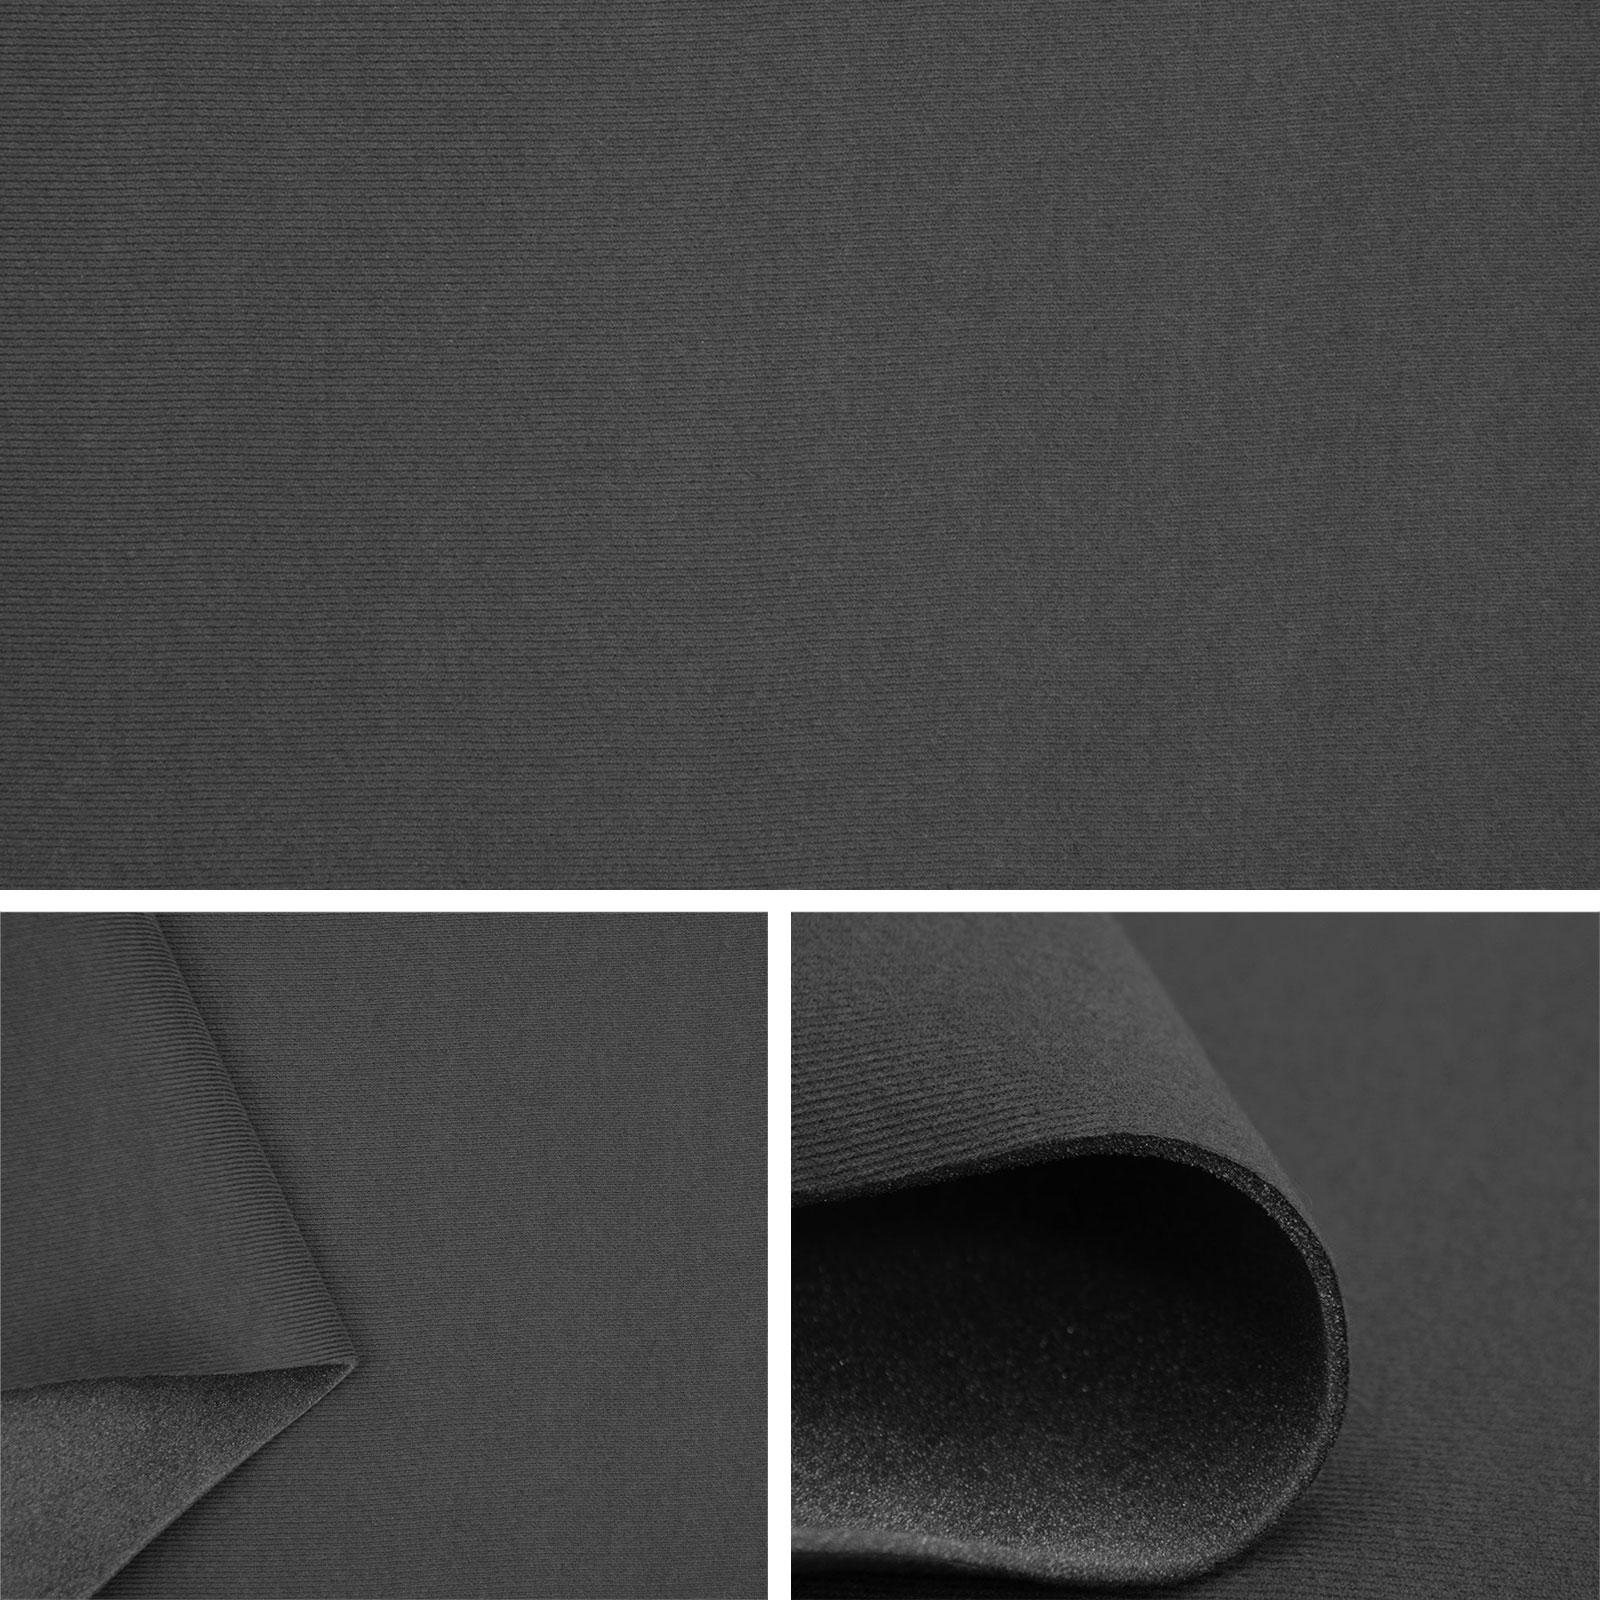 himmelstoff autostoff sam02 t129 02 grau. Black Bedroom Furniture Sets. Home Design Ideas